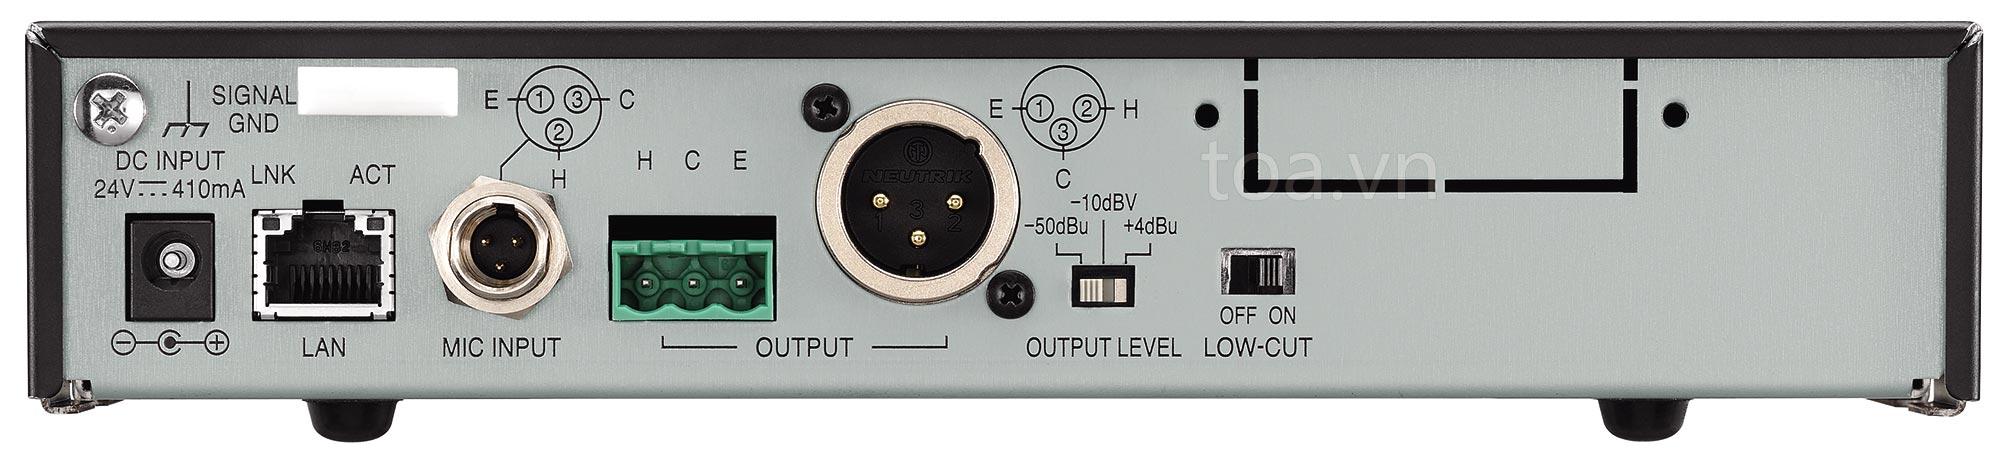 Bộ điều khiển trung tâm AM-1